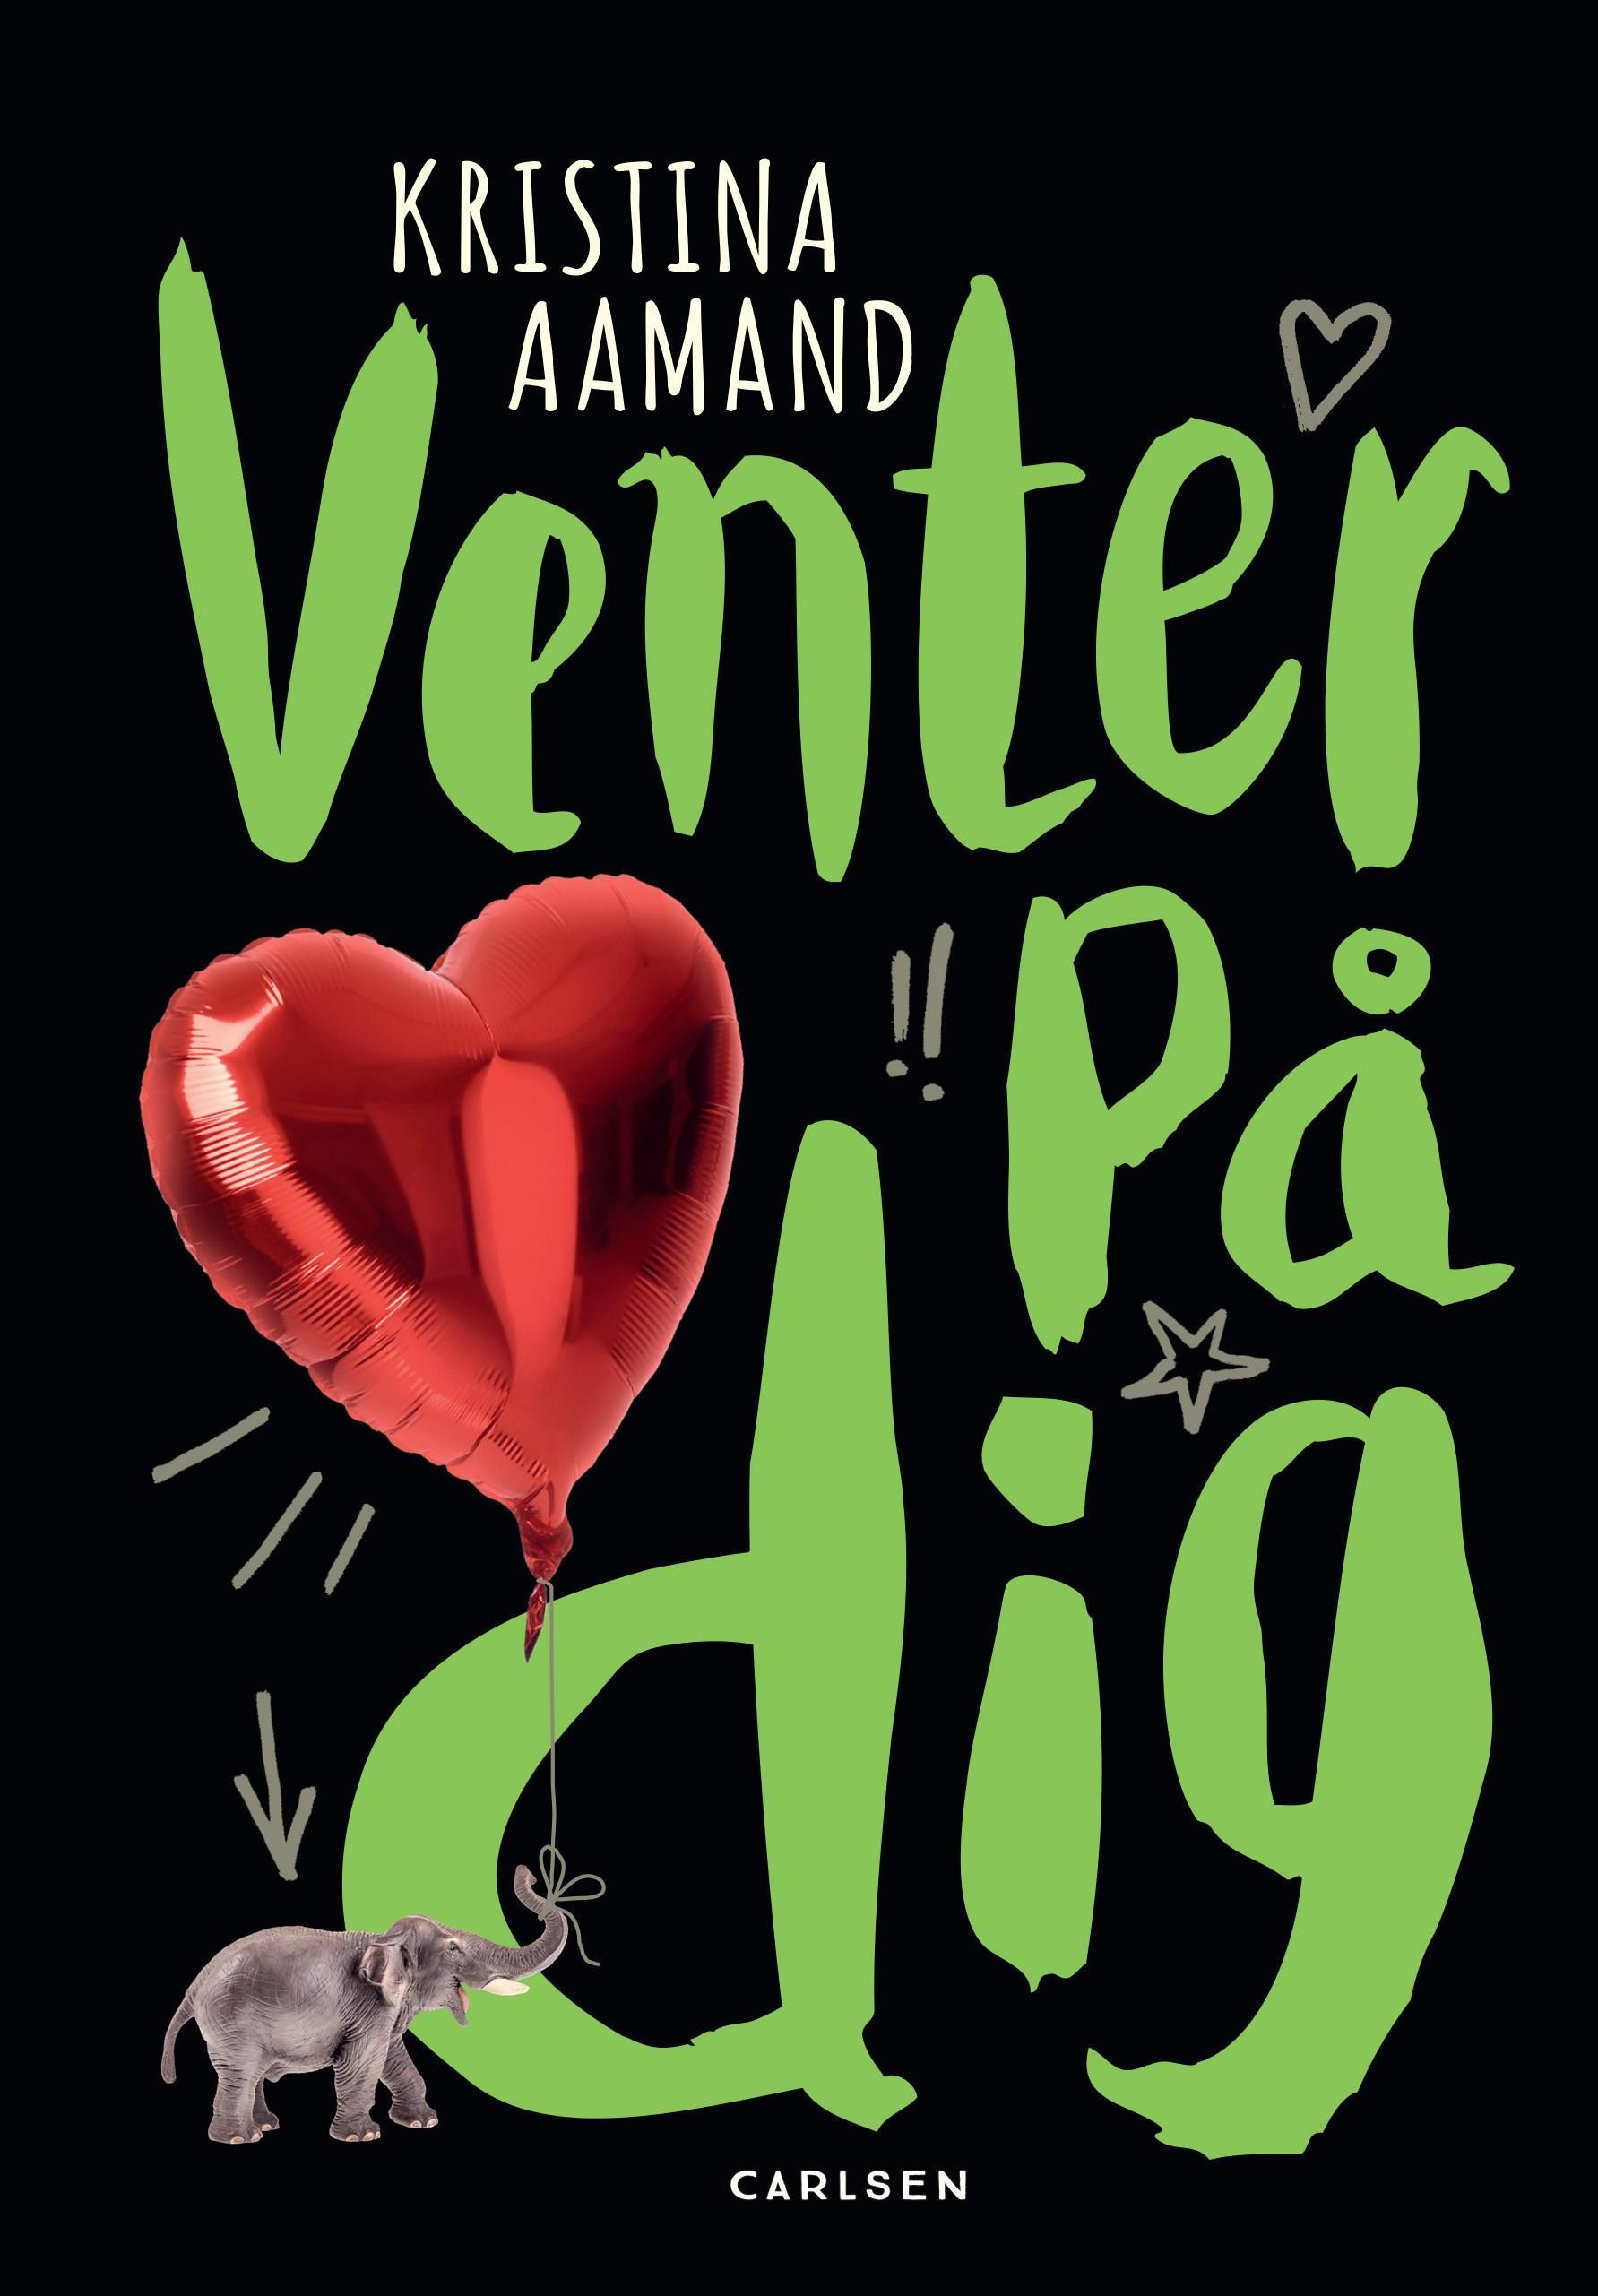 Et hjerte af pap: Hjerte af pap (5) - Venter på dig - Kristina Aamand - Bøger - CARLSEN - 9788711993293 - 1/5-2021